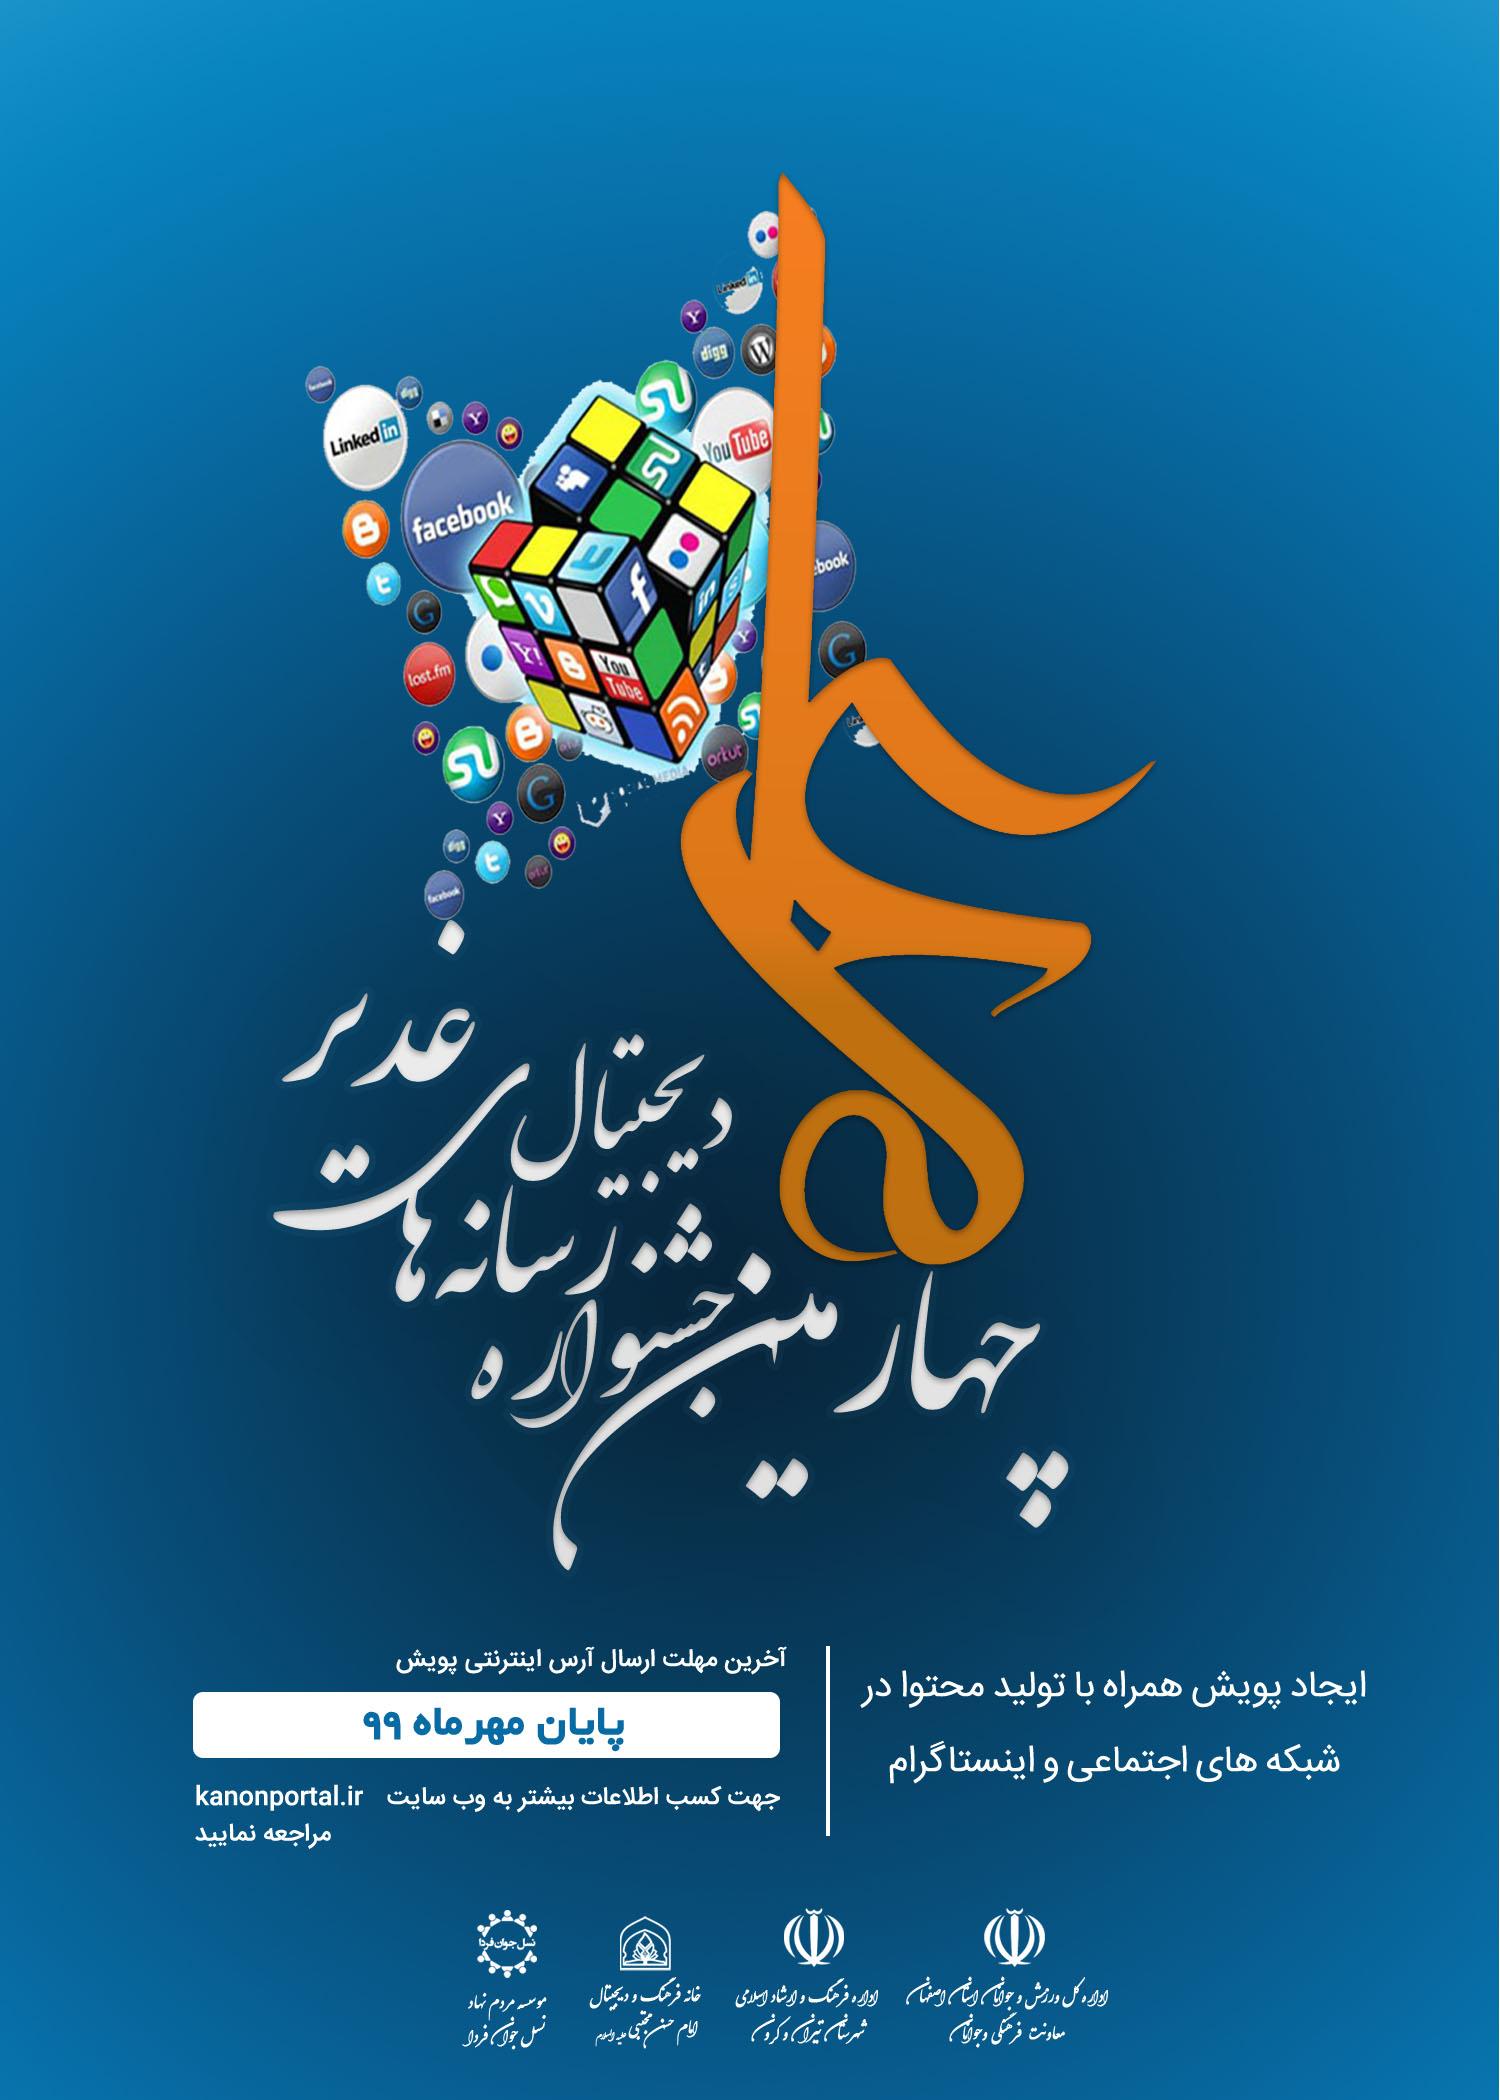 برگزاری چهارمین دوره جشنواره رسانه های دیجیتال غدیر